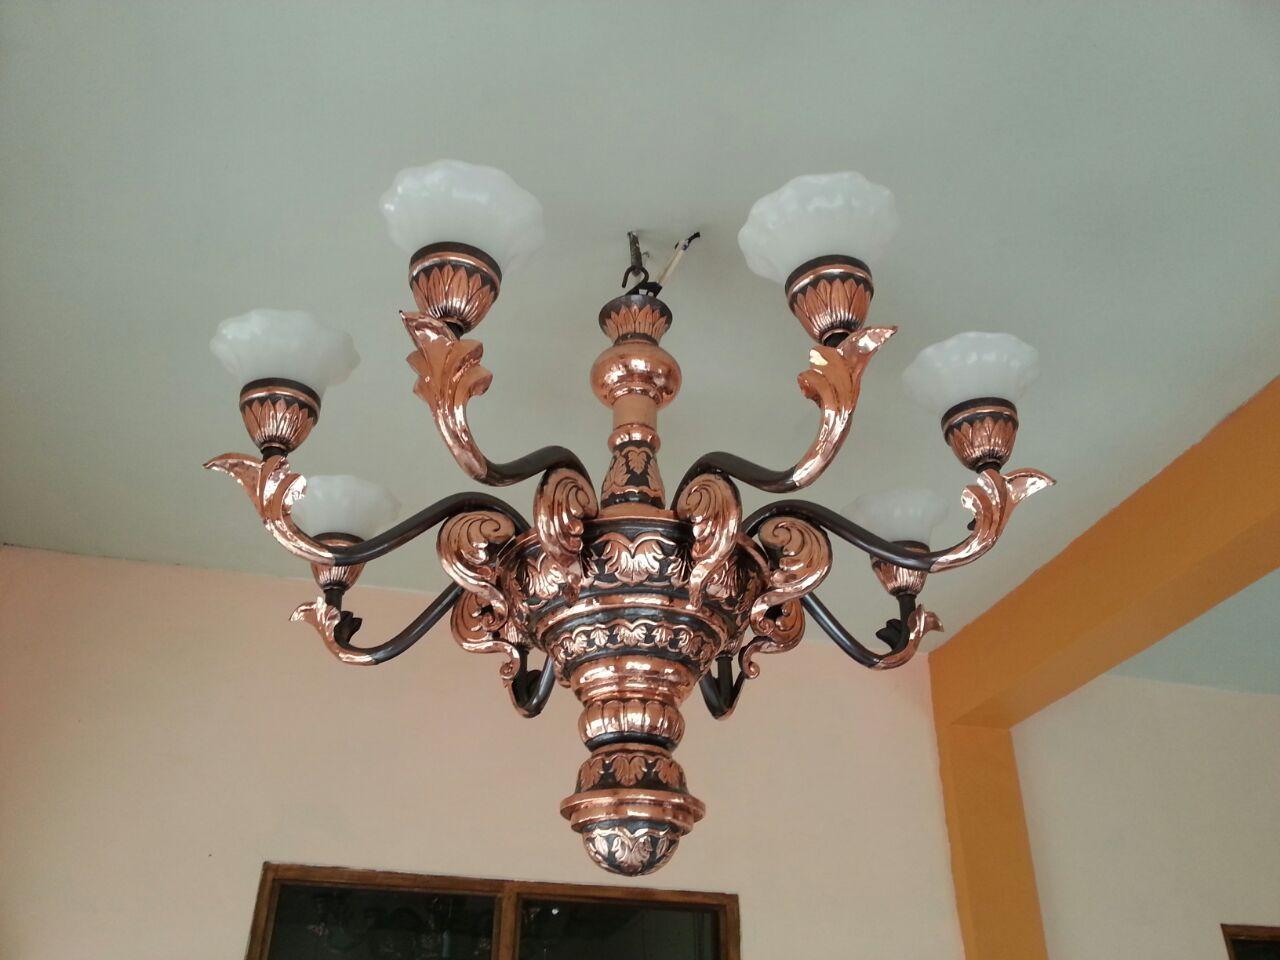 Lampu Robyong Tembaga Kecil